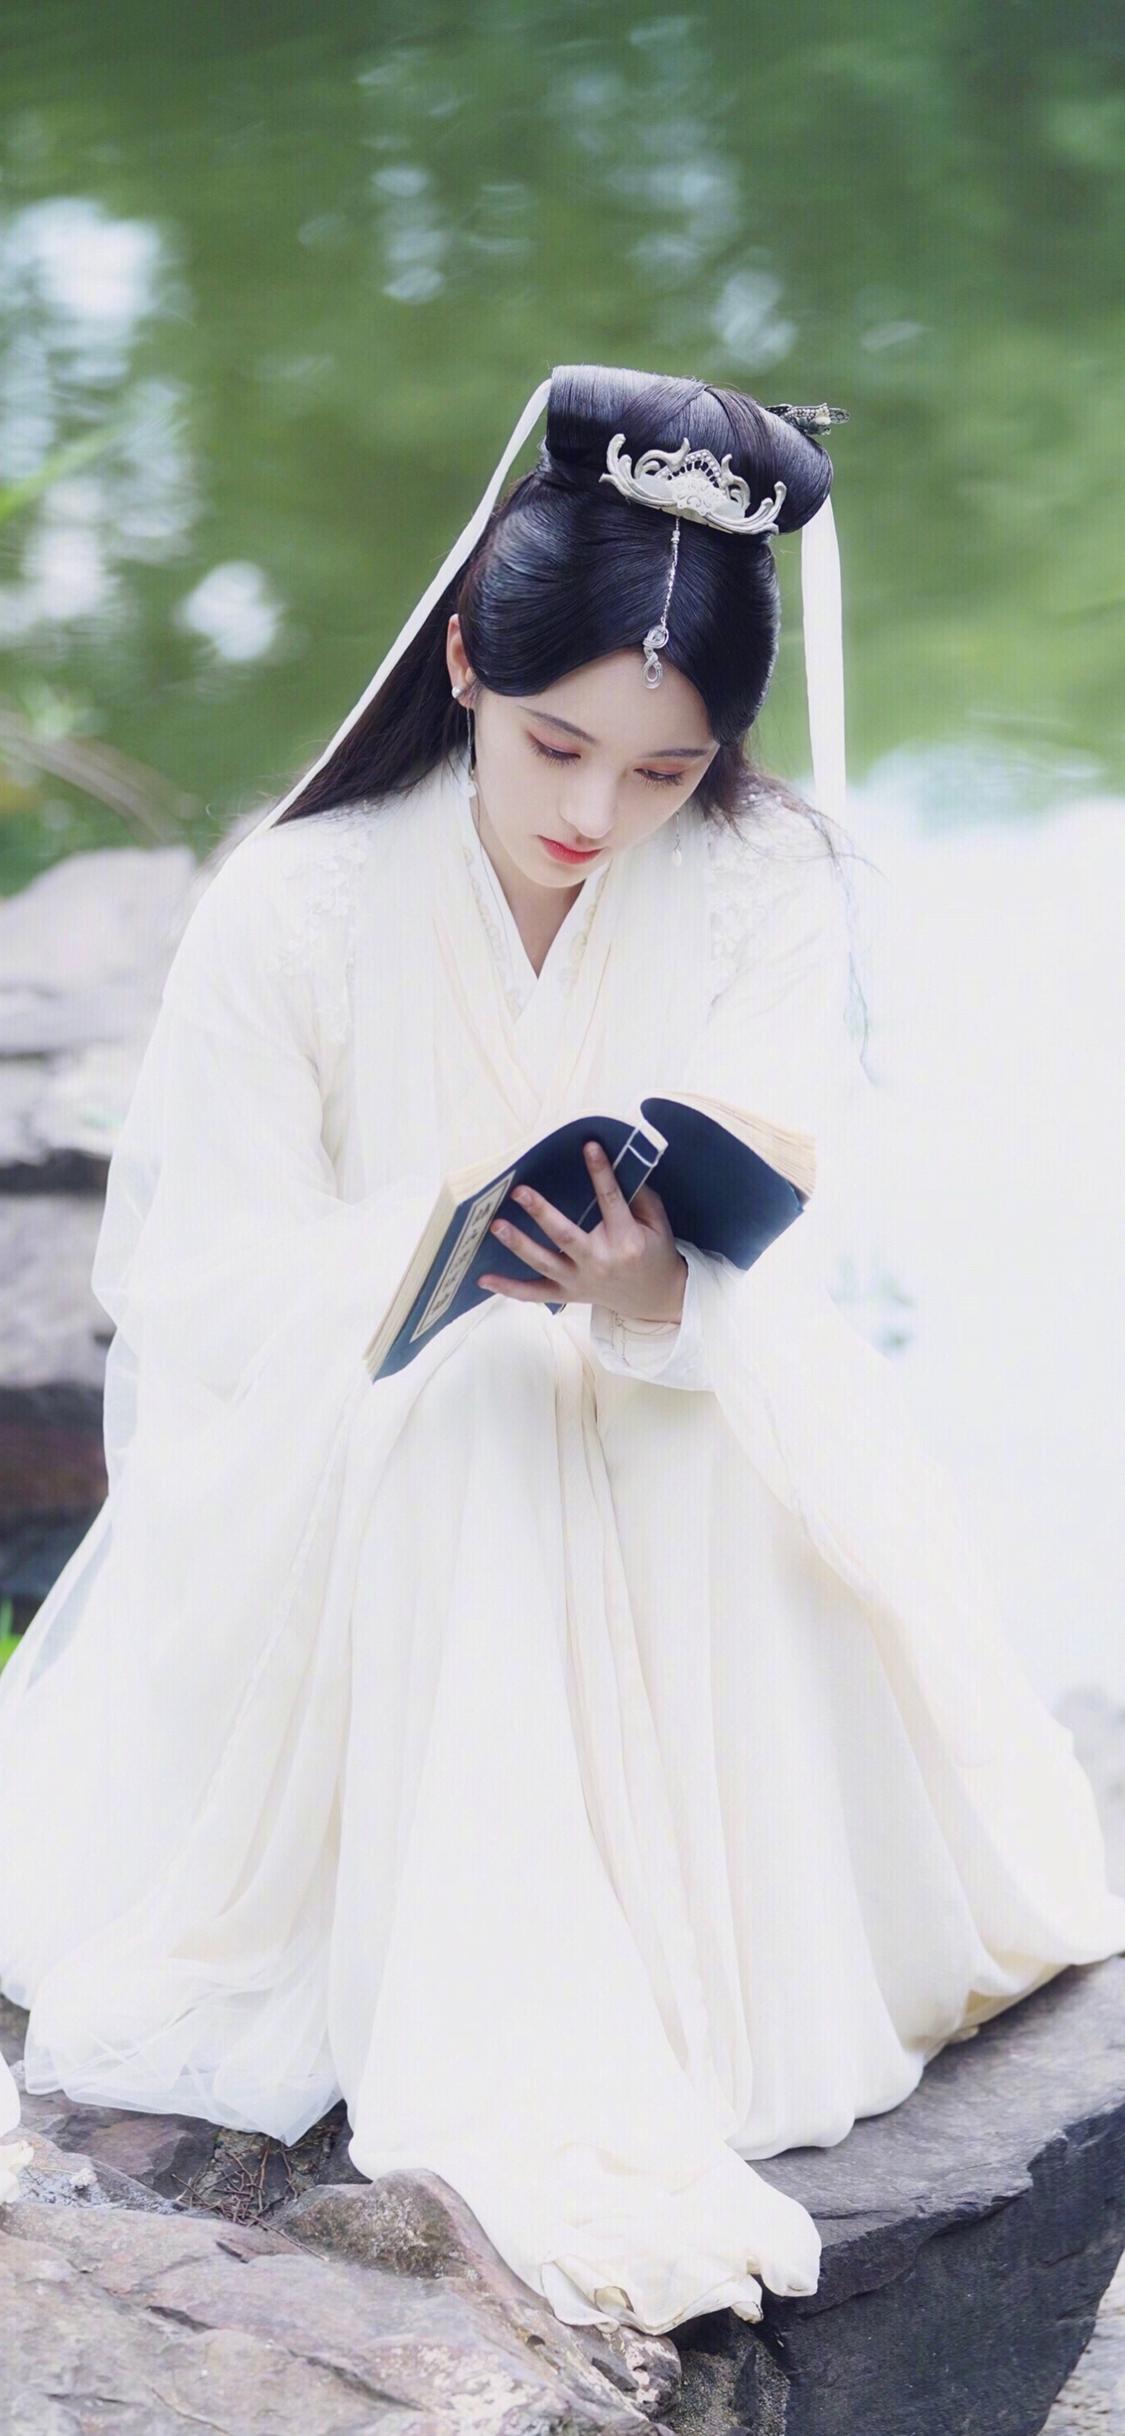 新白娘子传奇初心电视剧国产鞠婧白素贞苹果古装剧海报图片